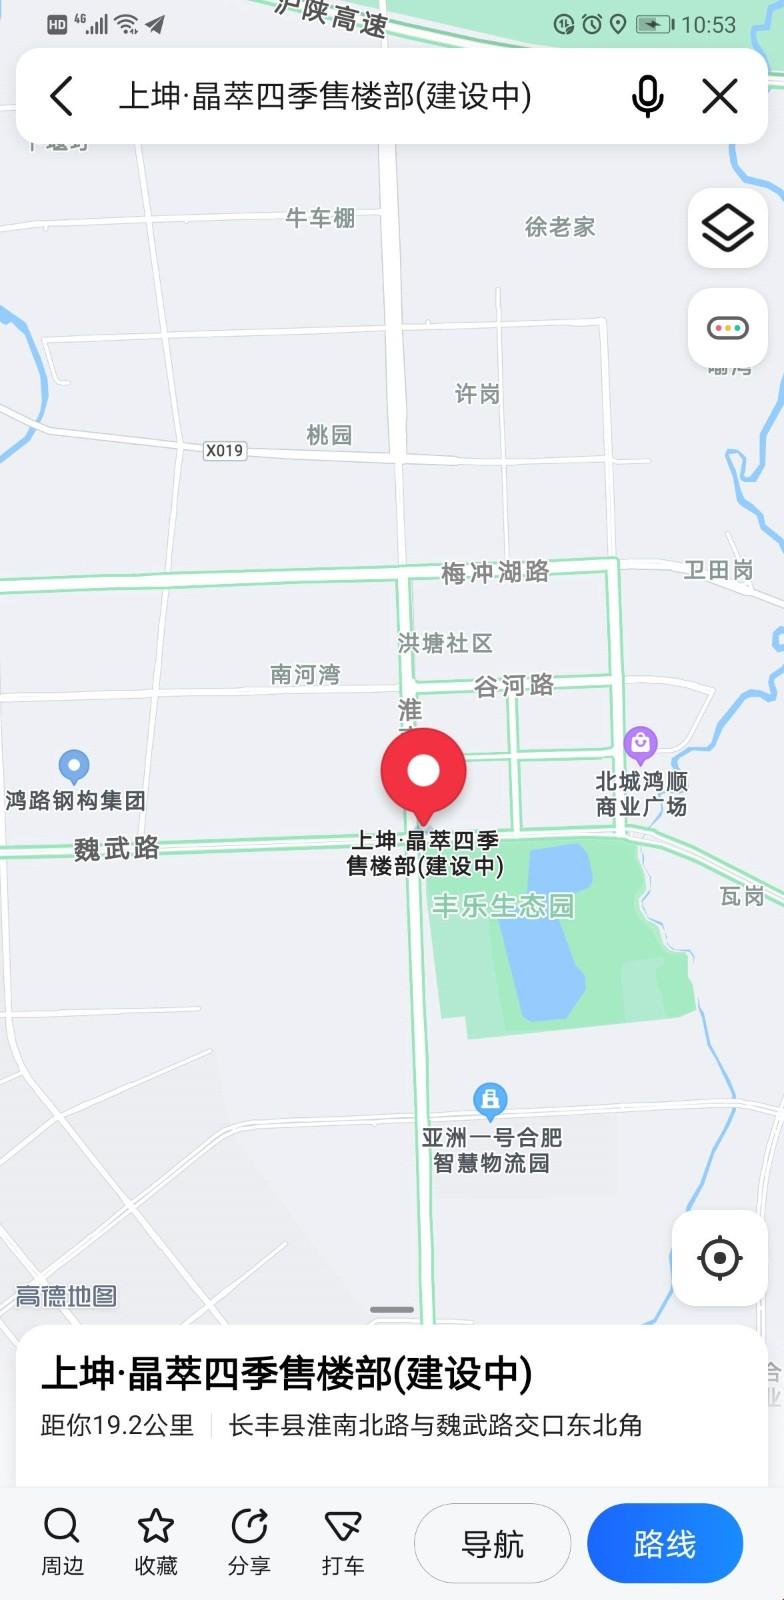 上坤CF202101号地块案名曝光:上坤晶萃四季